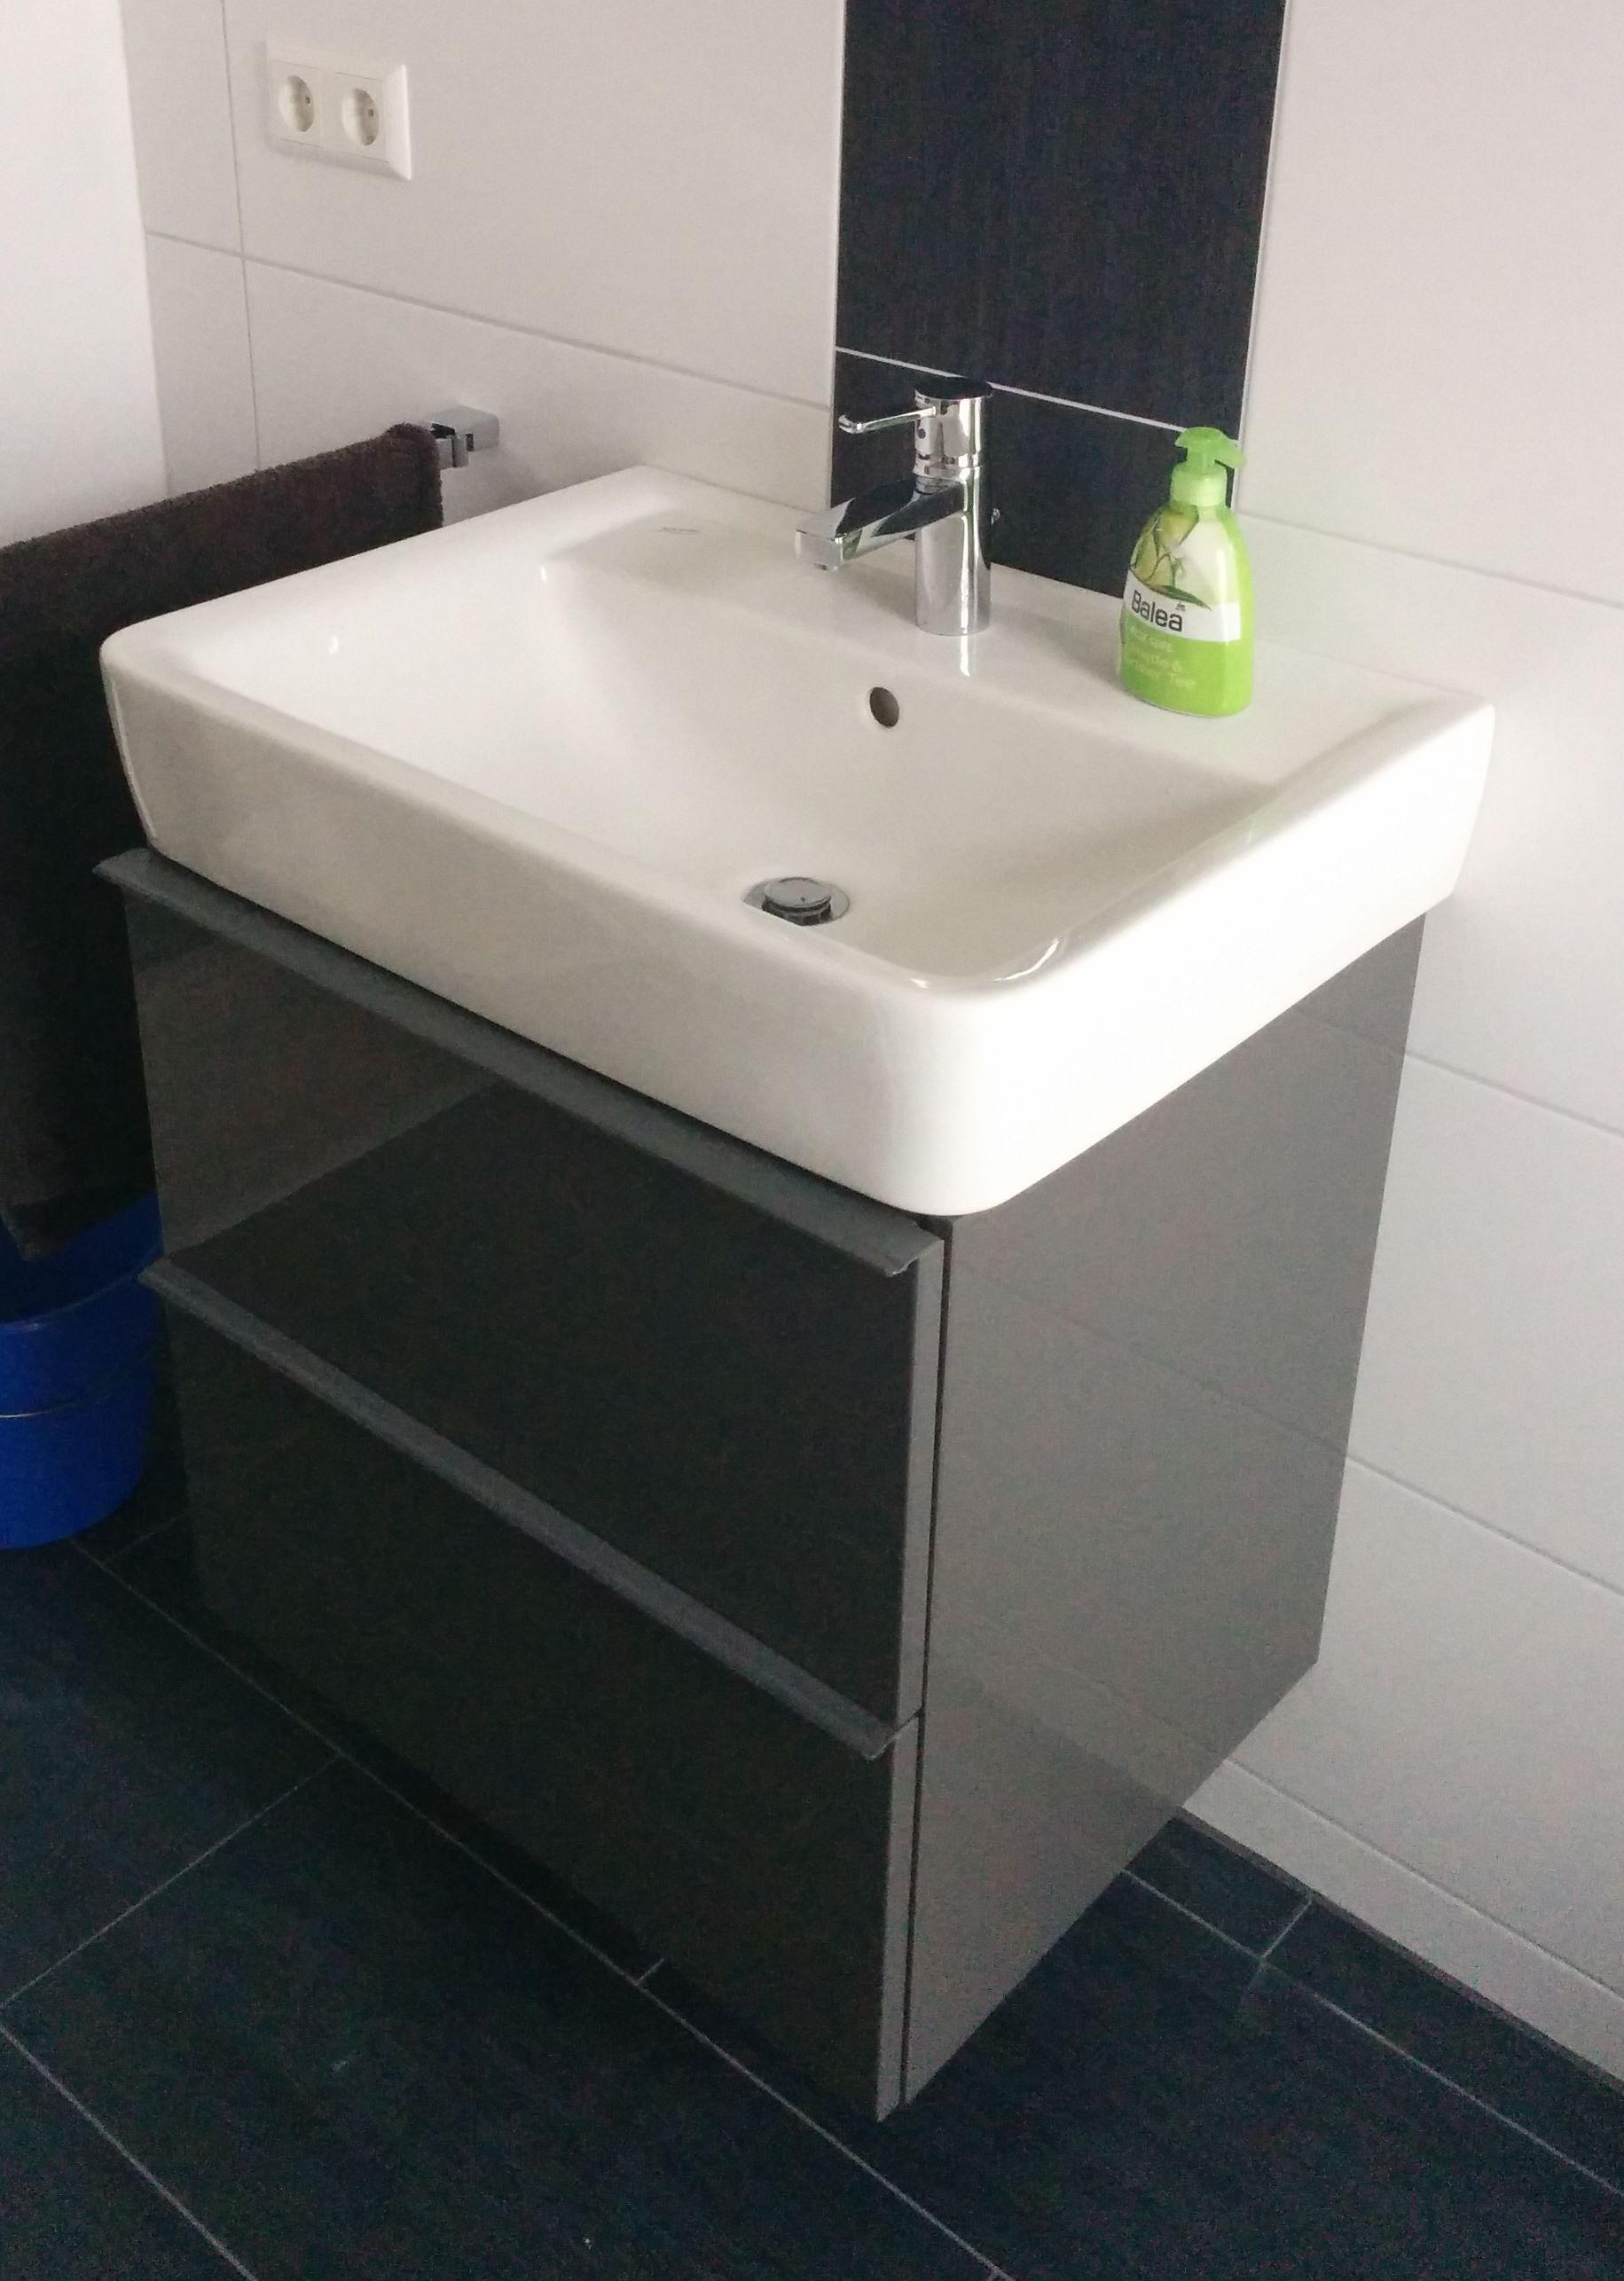 renova plan 1 65er becken mit ikea unterschrank | badeinrichtung